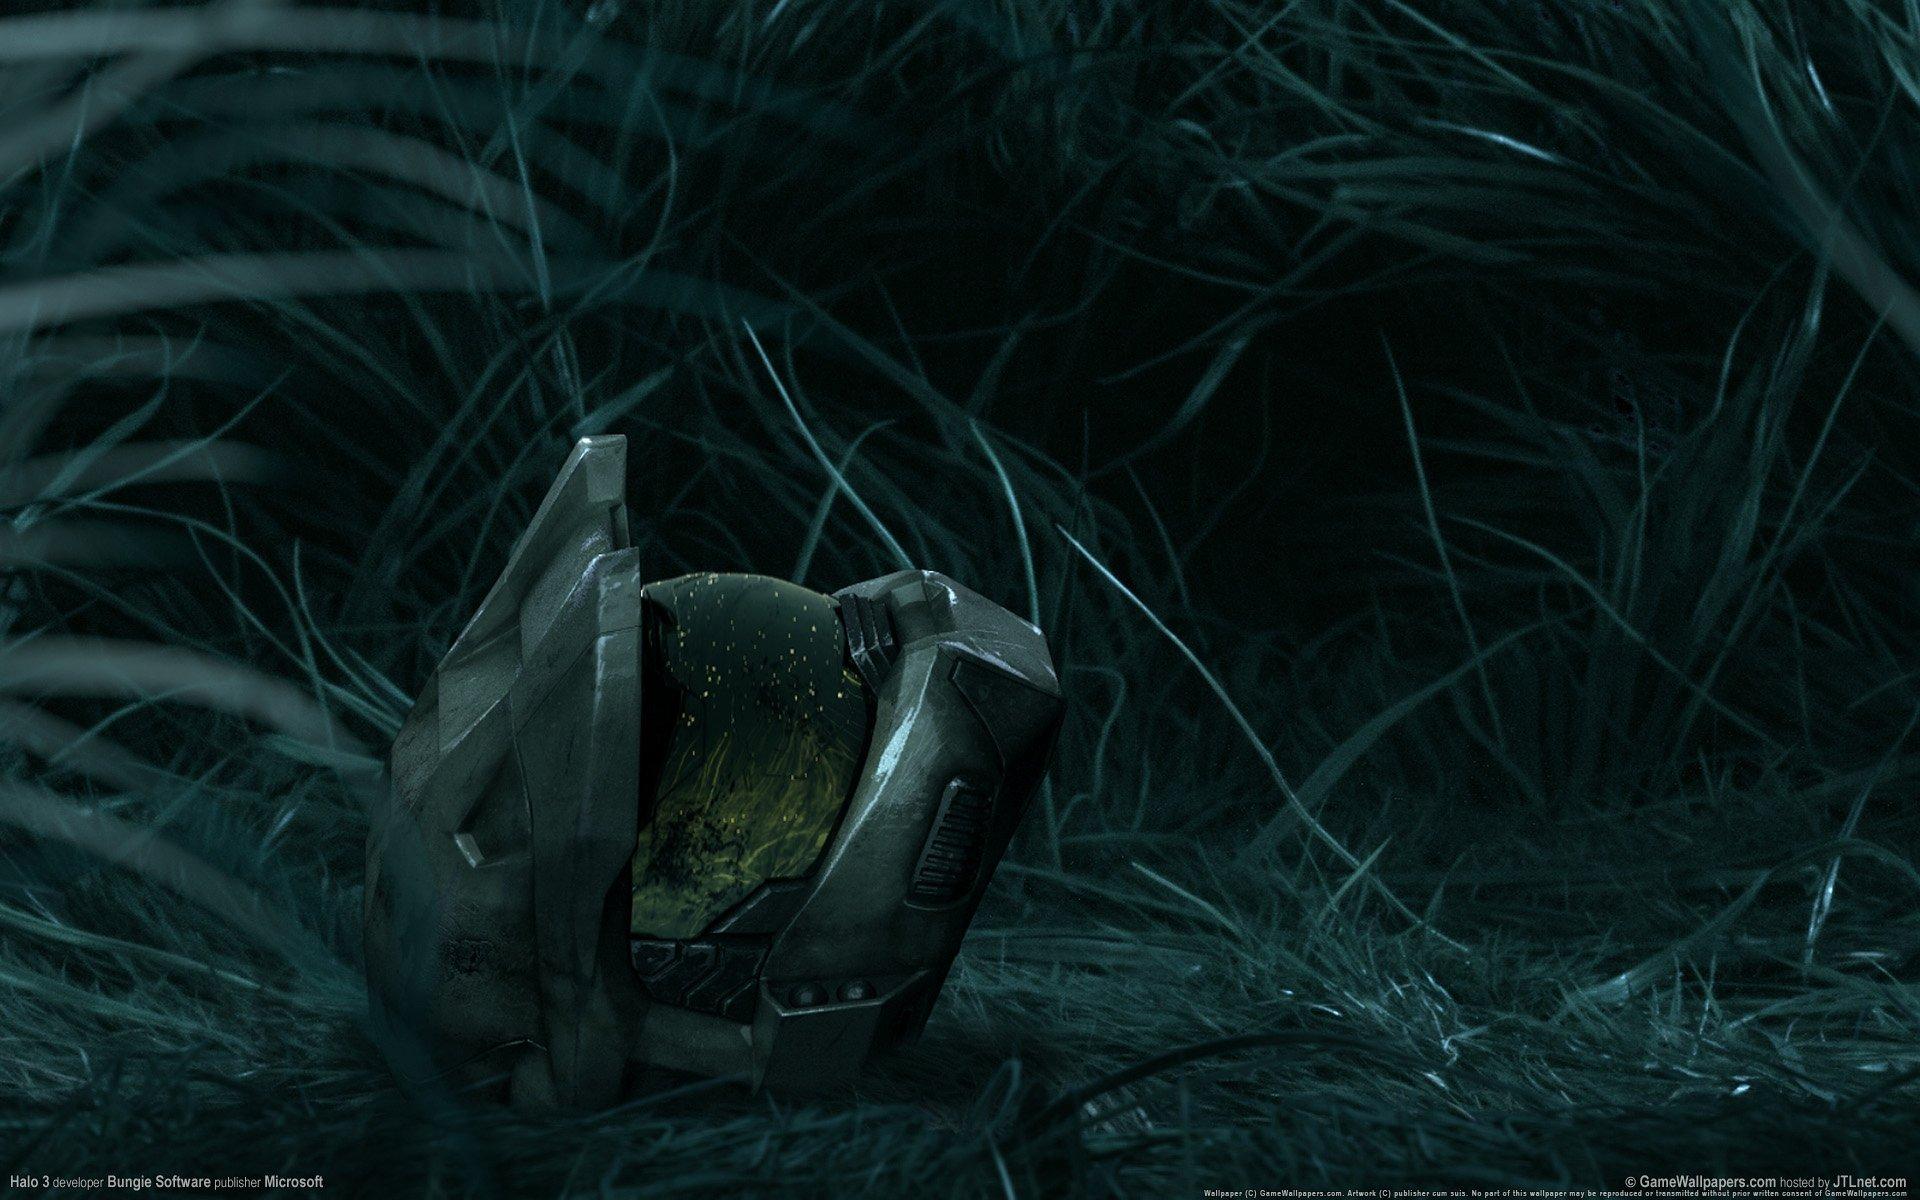 В журнале Wired опубликована большая статья, в которой идет разбор причин, помешавших экранизации игры Halo, которую .... - Изображение 1